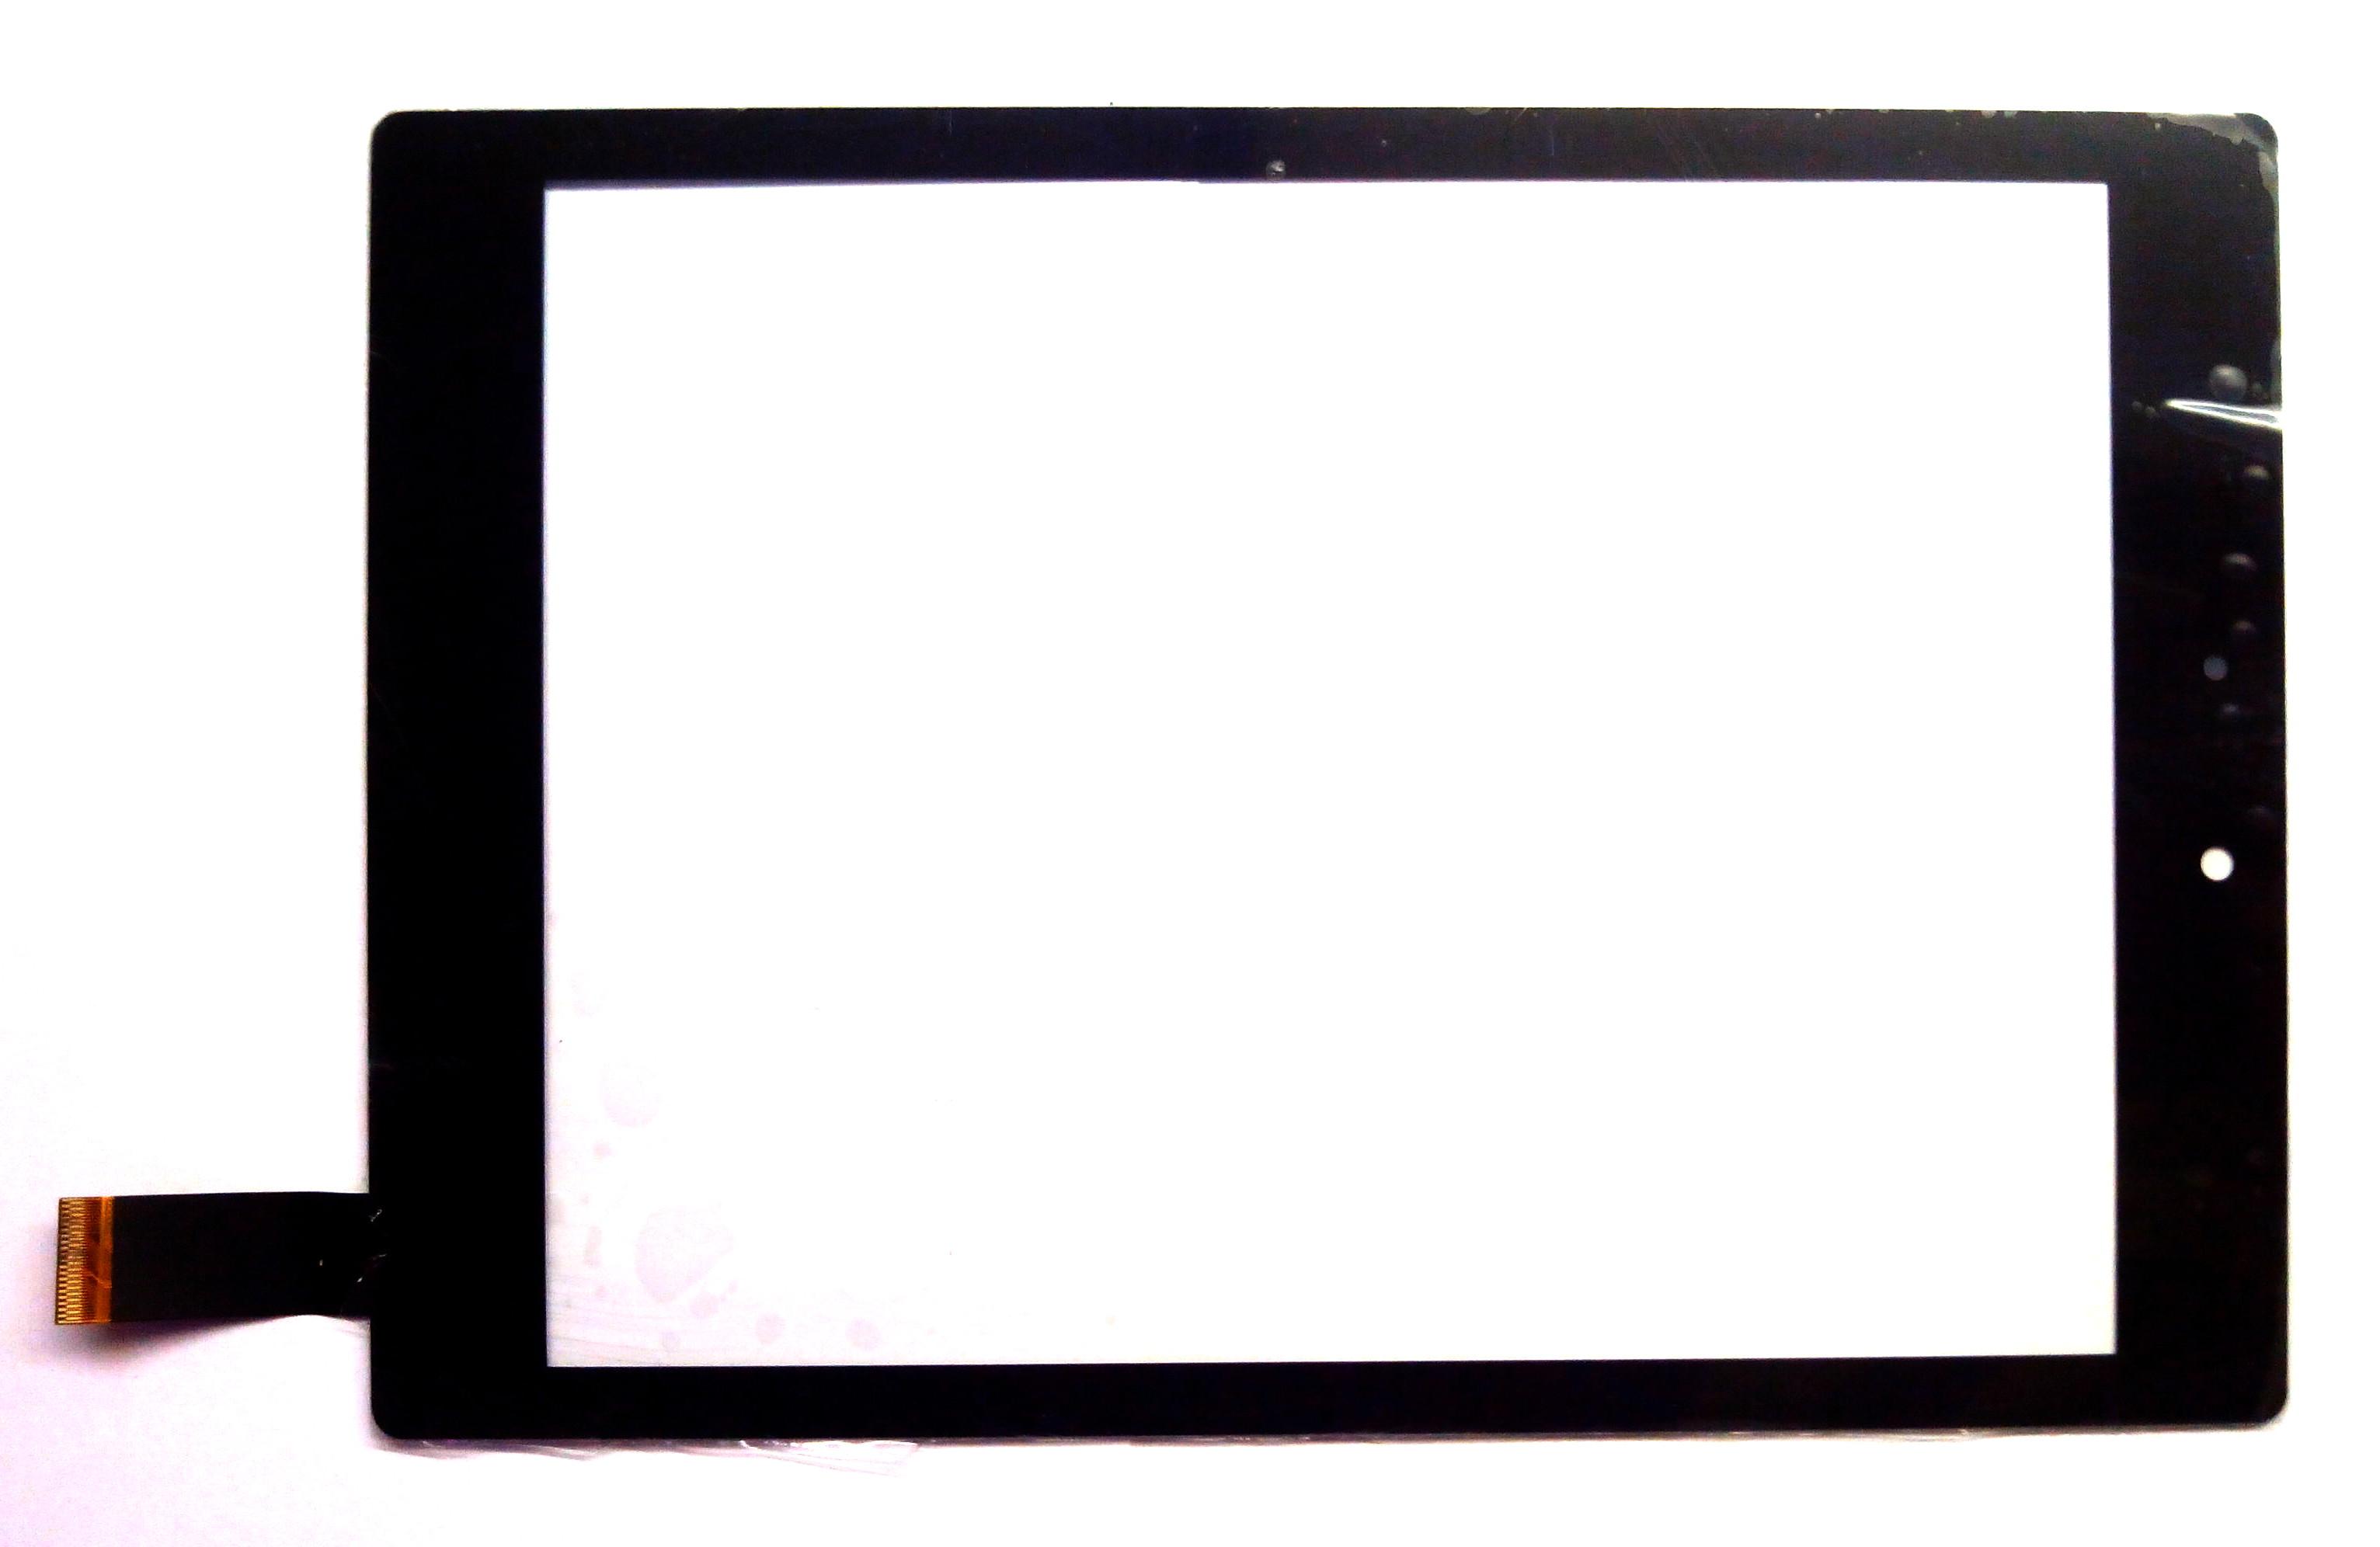 Тачскрин планшета Prestigio PMP7079D чёрный <ACE-CG7.8C-318>